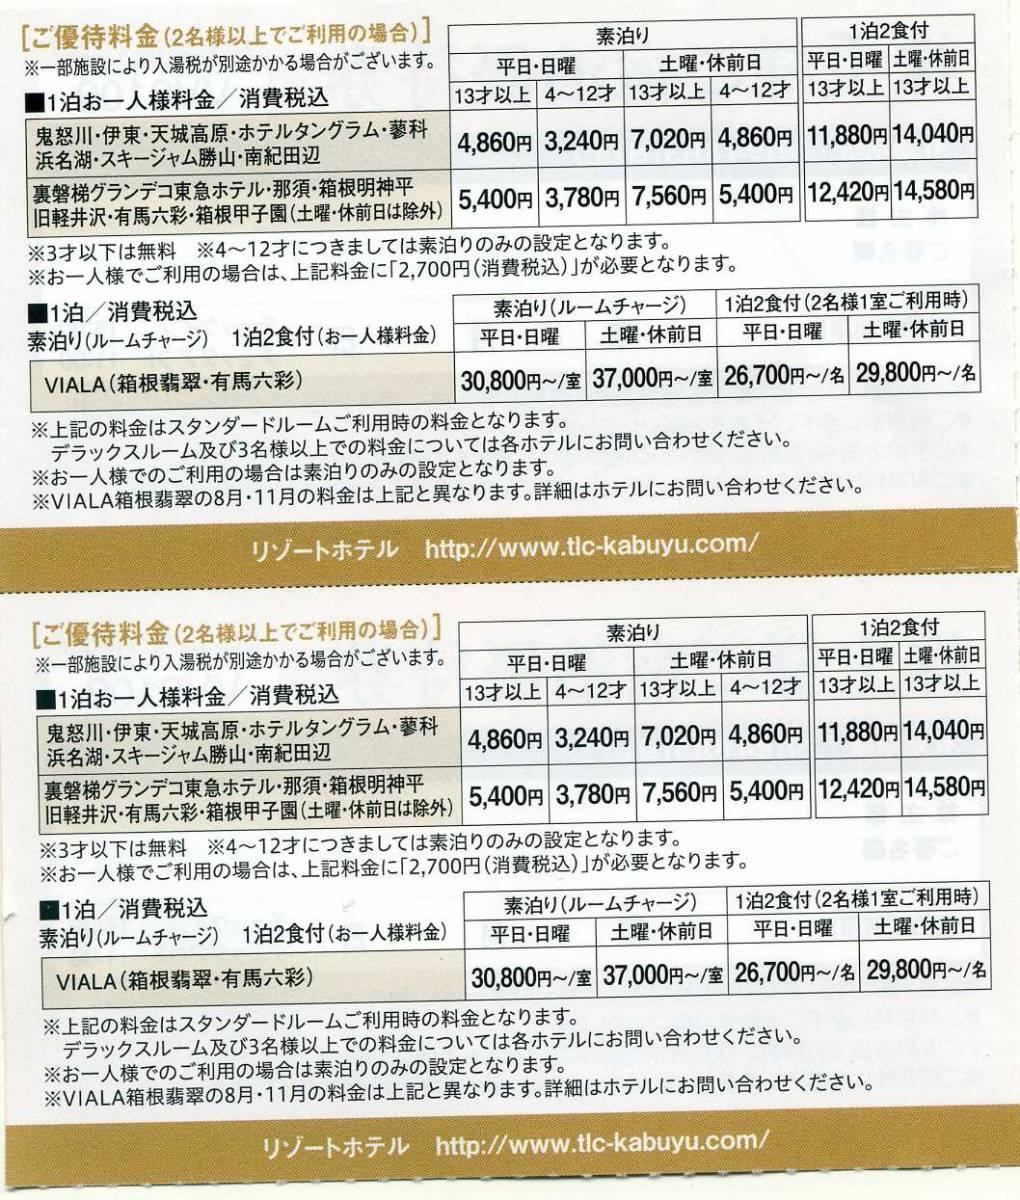 東急不動産 株主様ご宿泊優待券 2枚セット